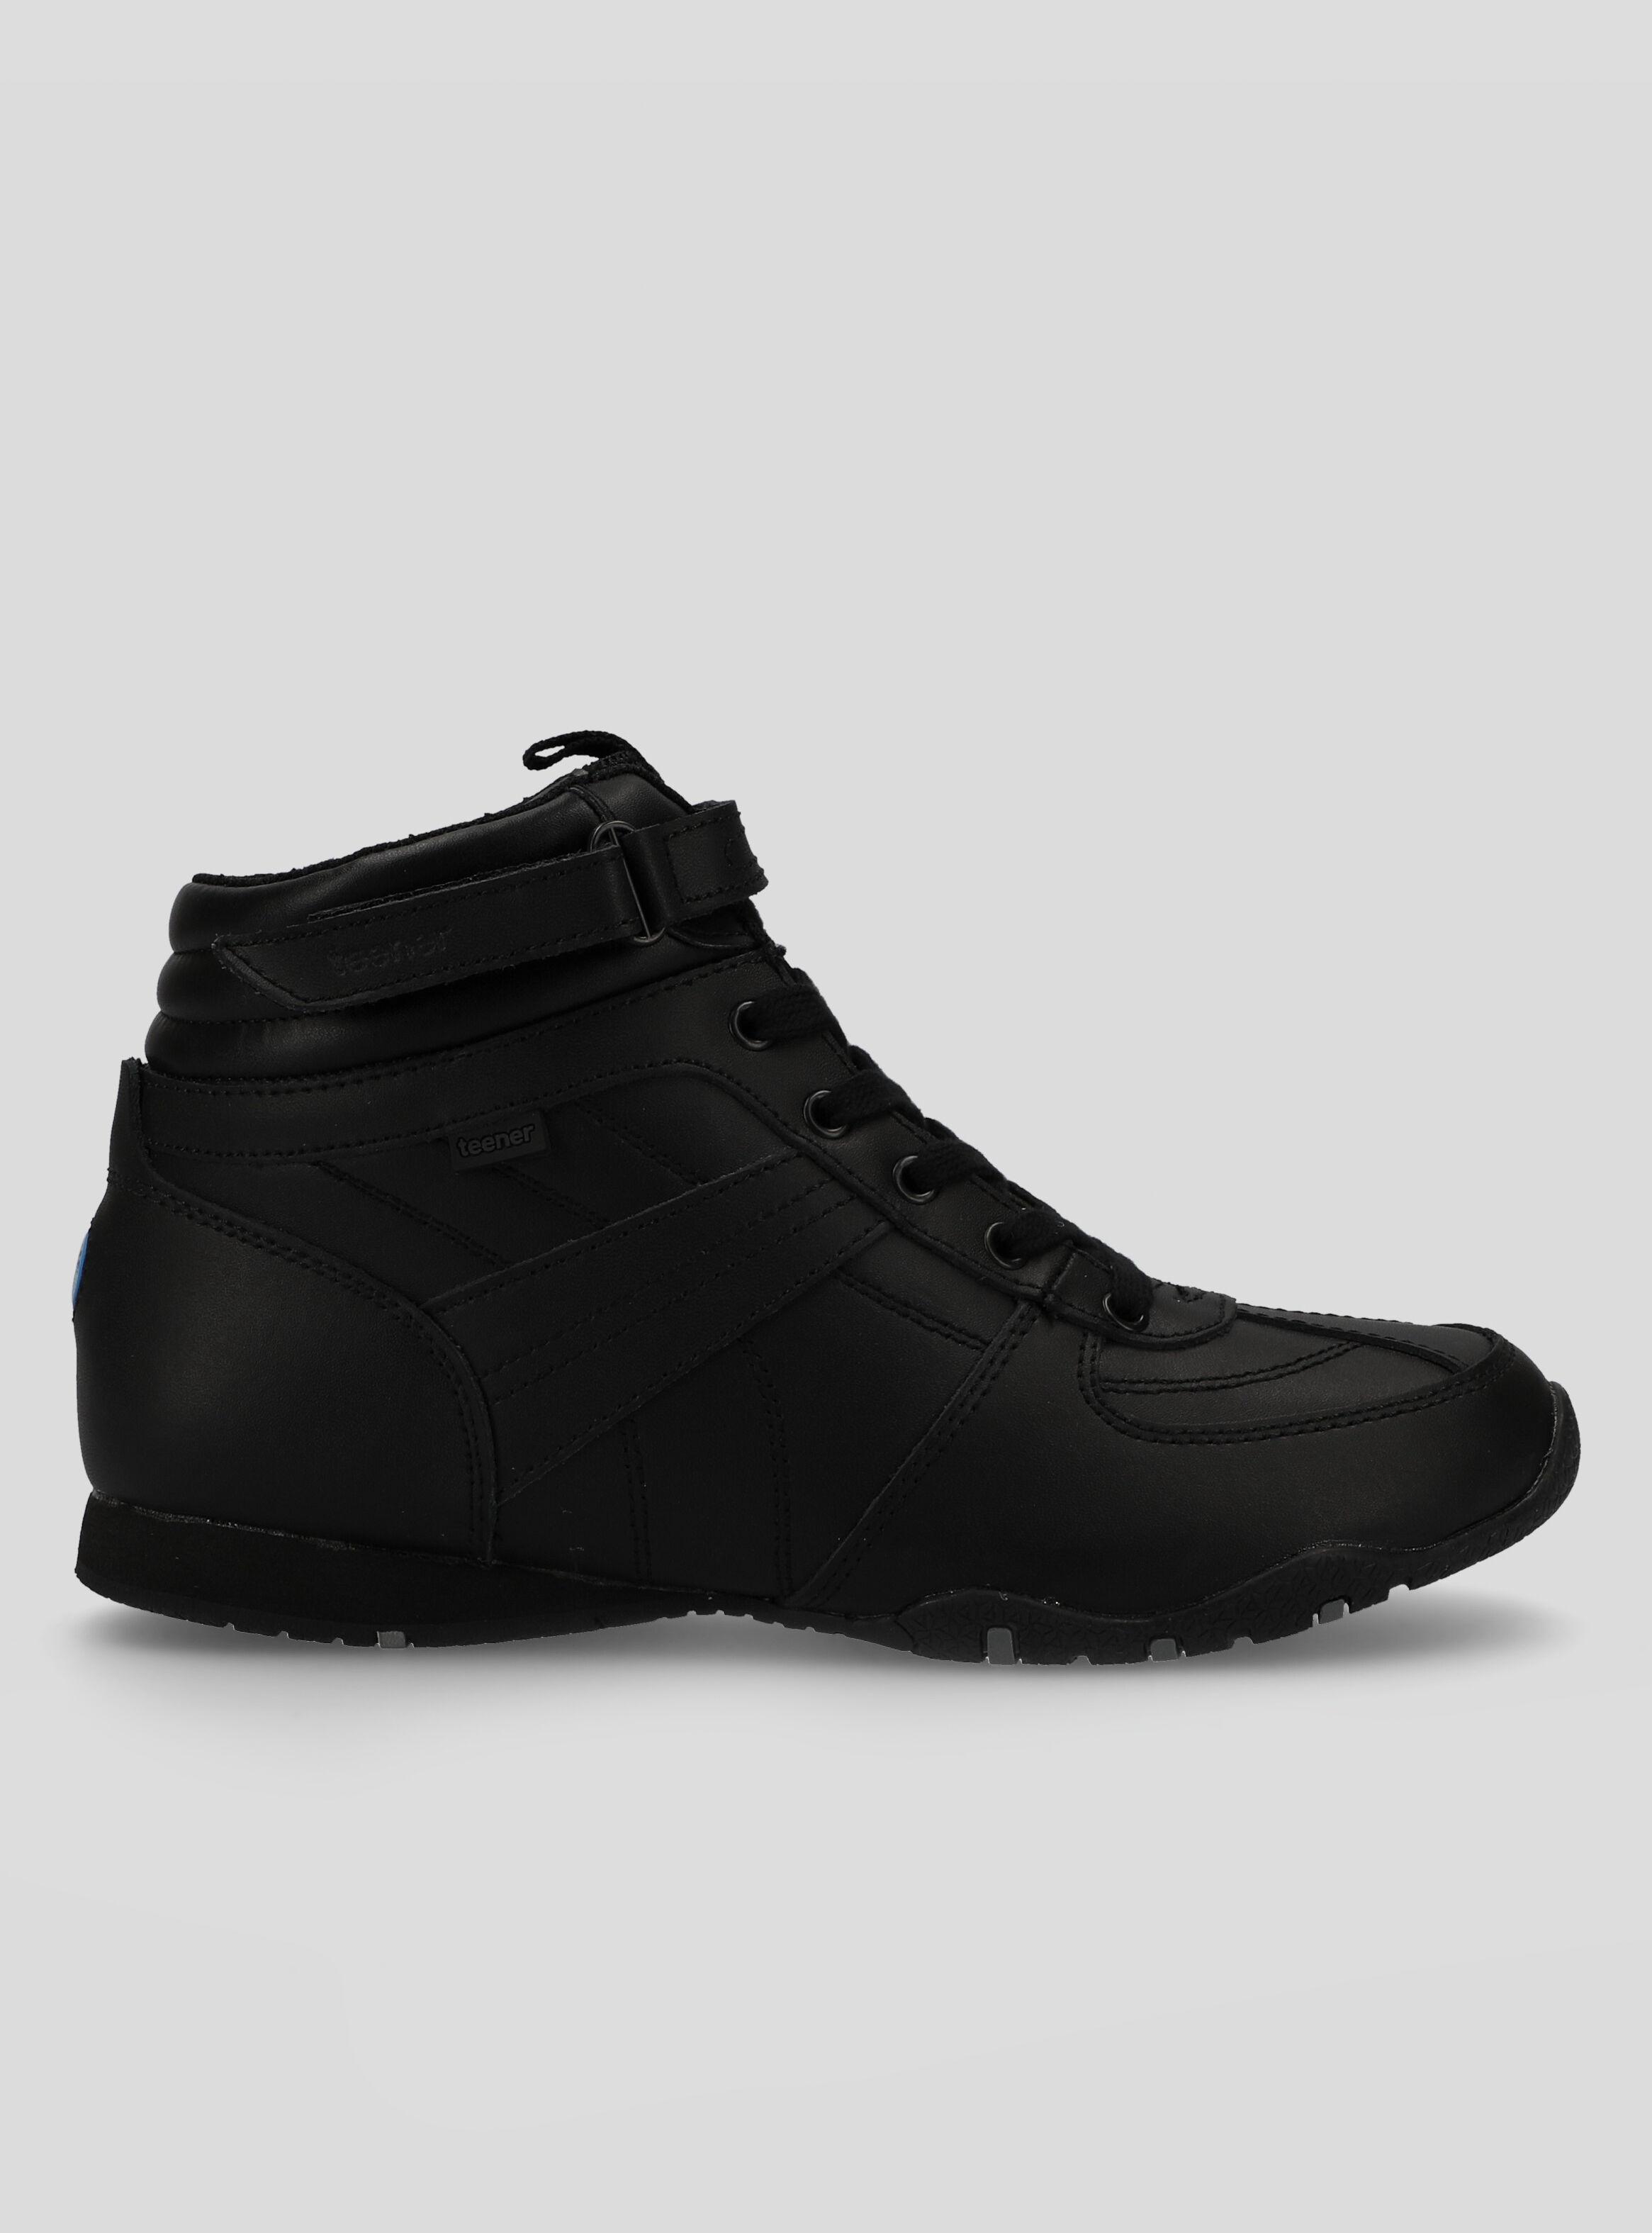 Calidad Sus Para Y Zapatos Comodidad Pies Niños Paris cl qwHxa4